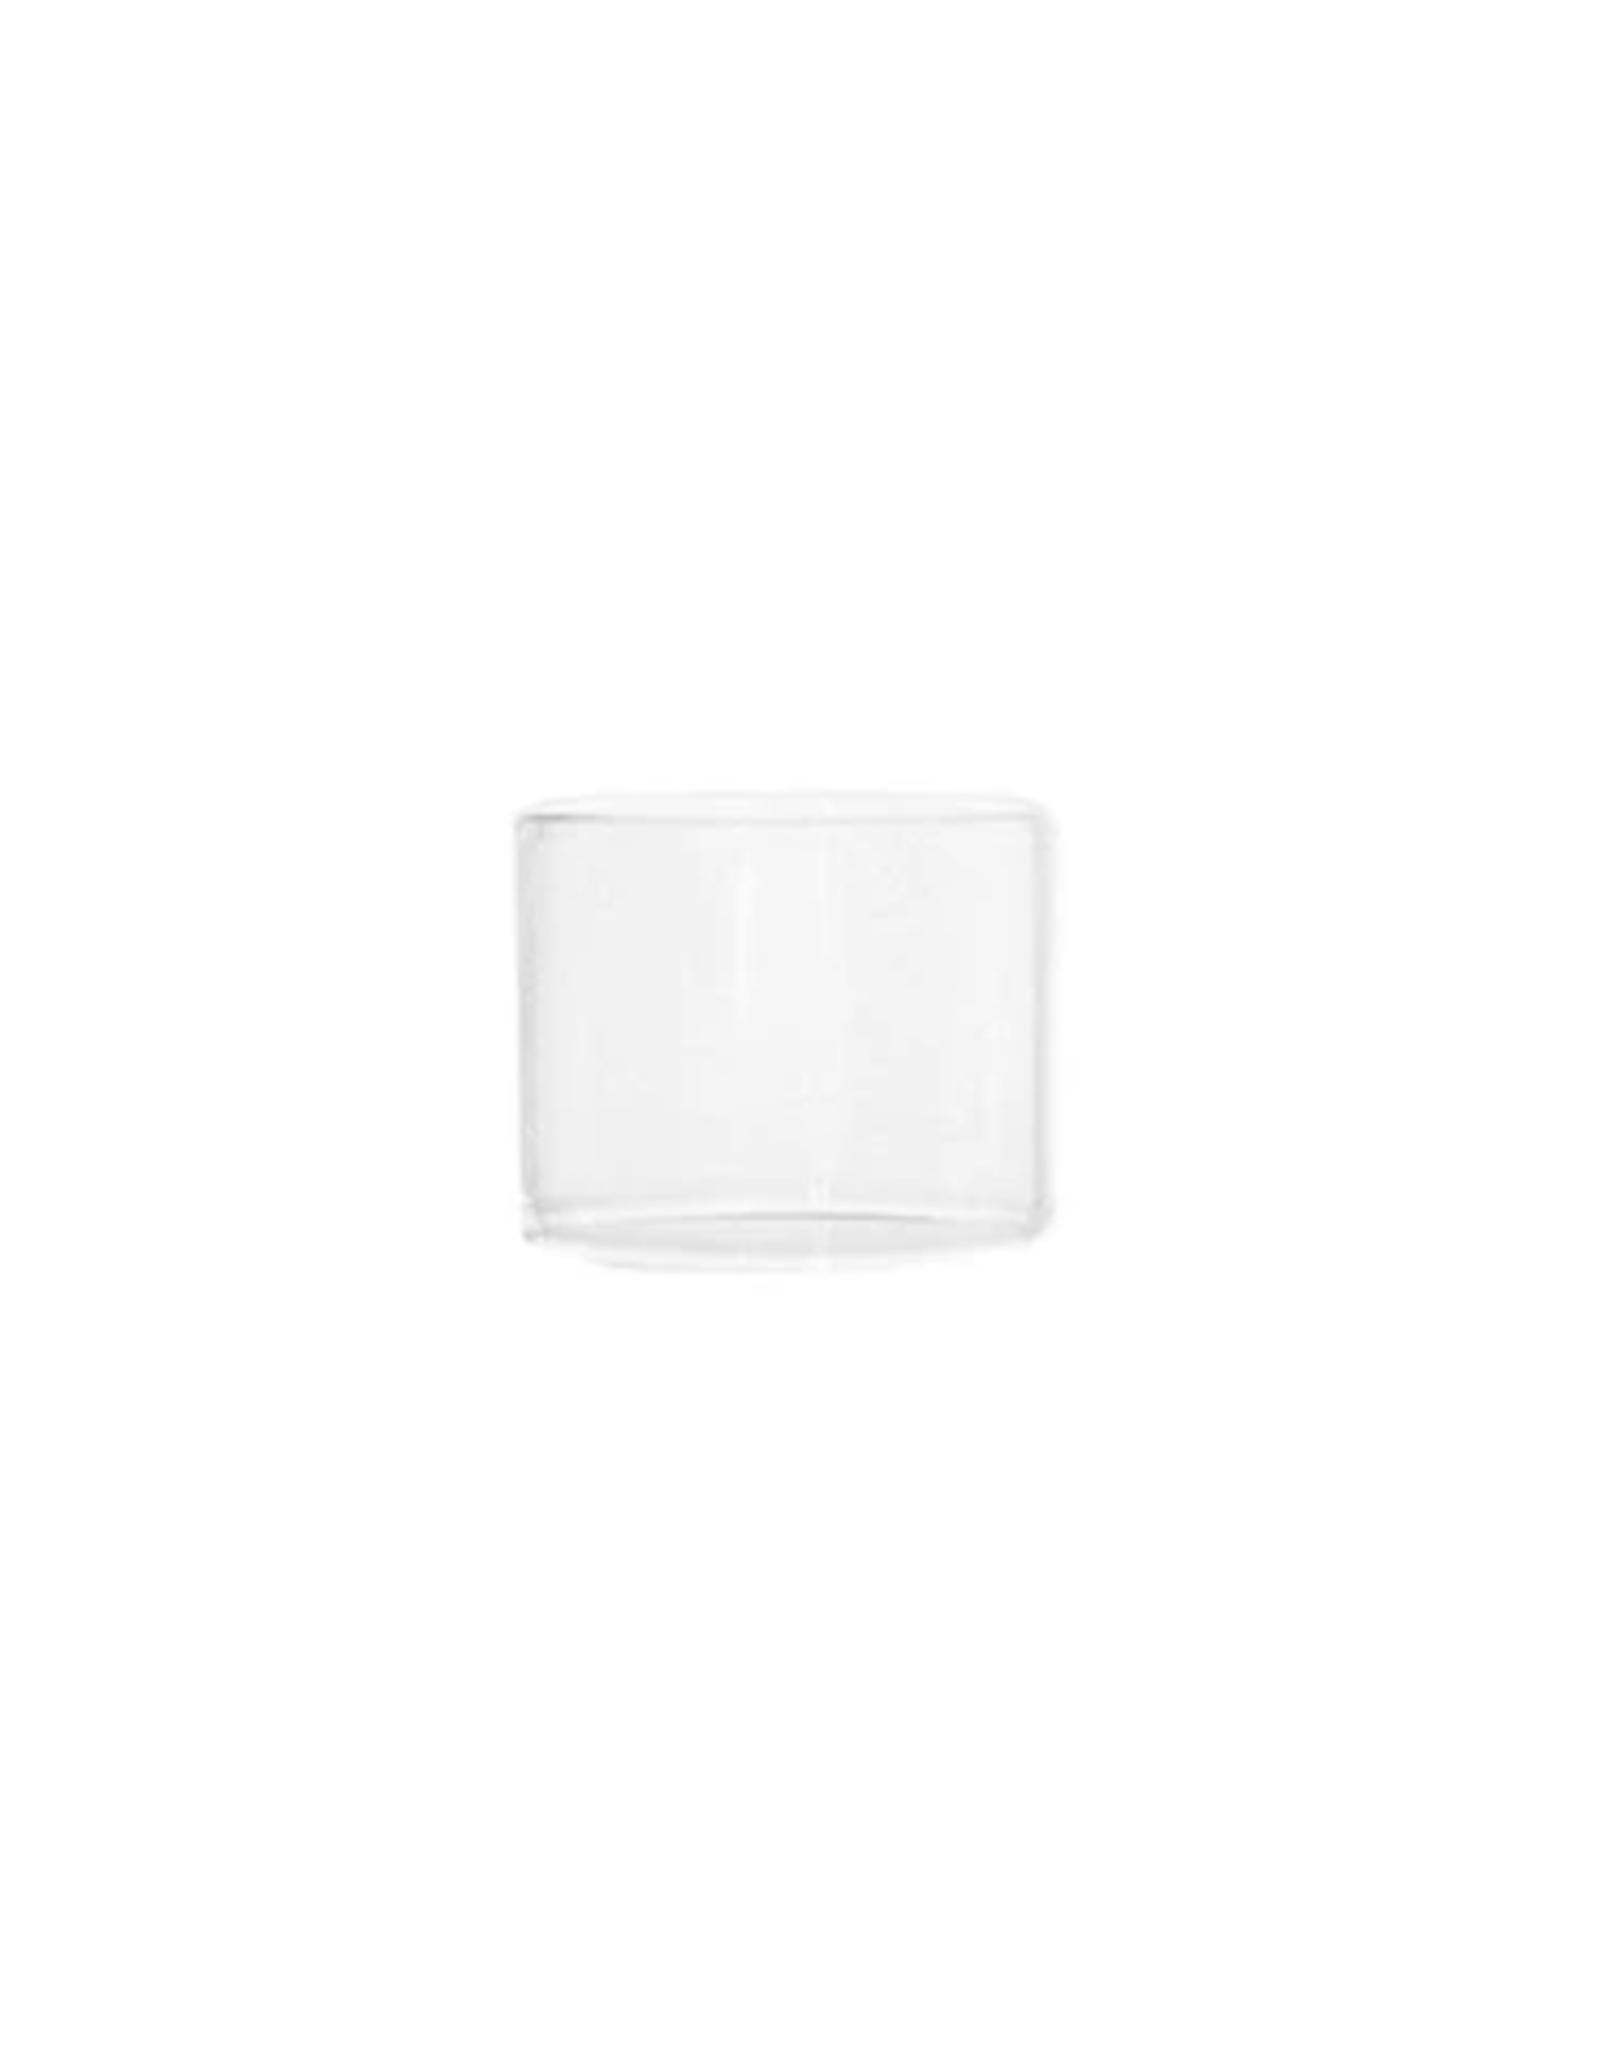 Freemax Fireluke 2 Glass (3ml)